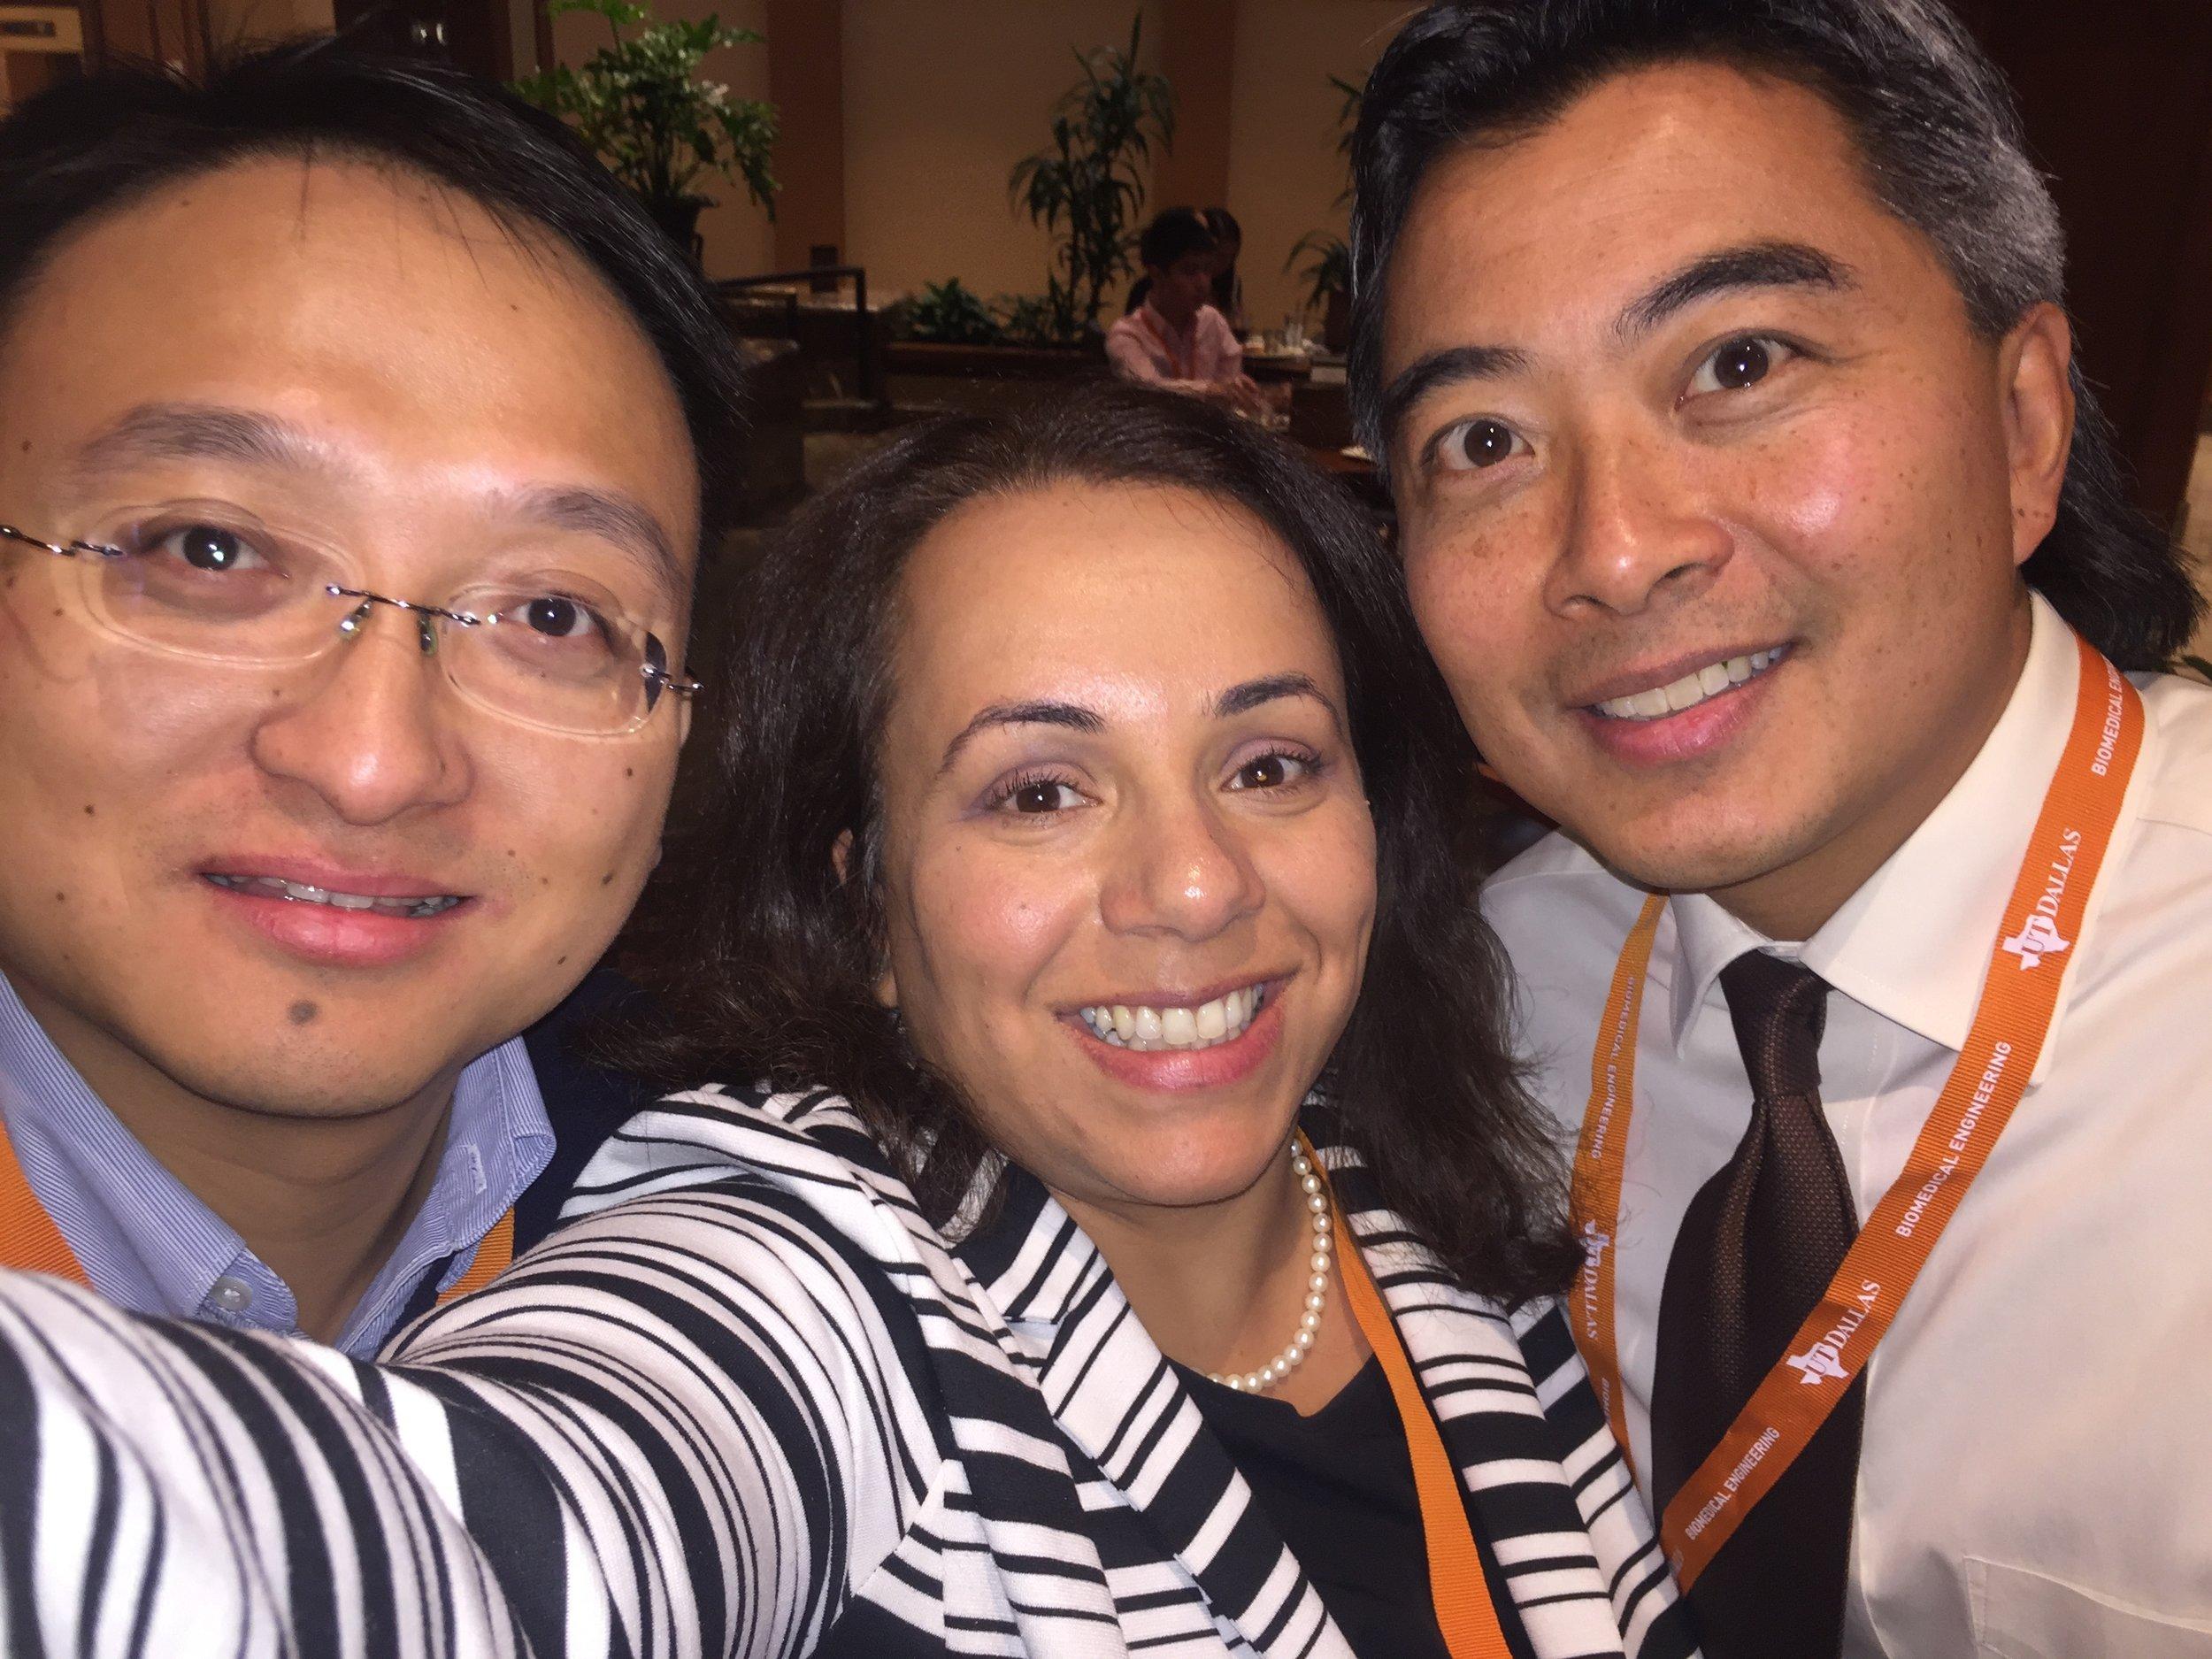 2016 BMES Annual Meeting